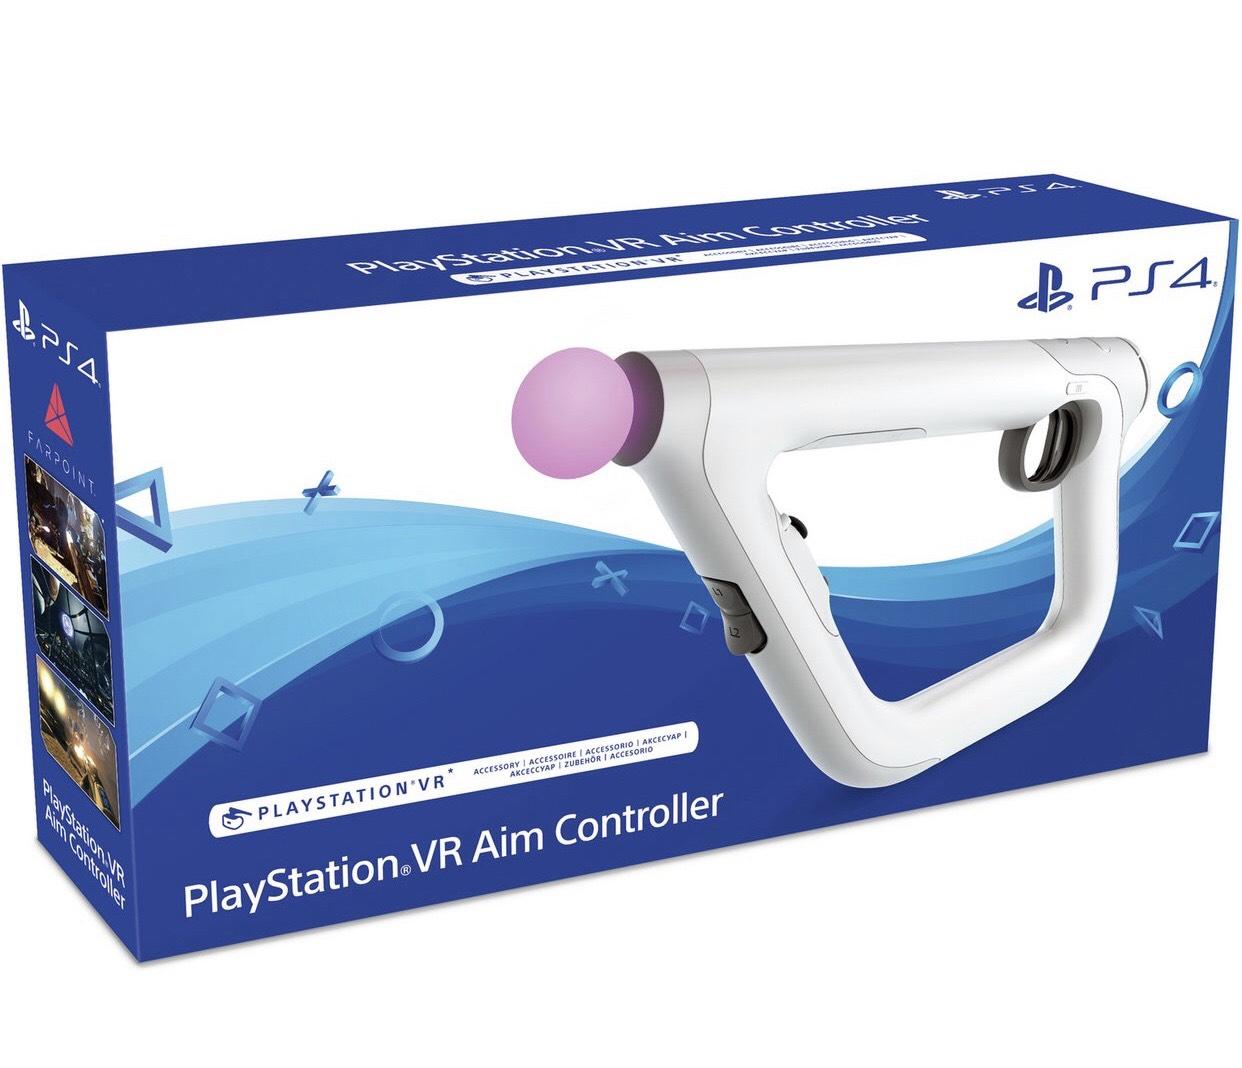 PS4 PlayStation VR (PSVR) Aim Controller £44.99 @ Argos